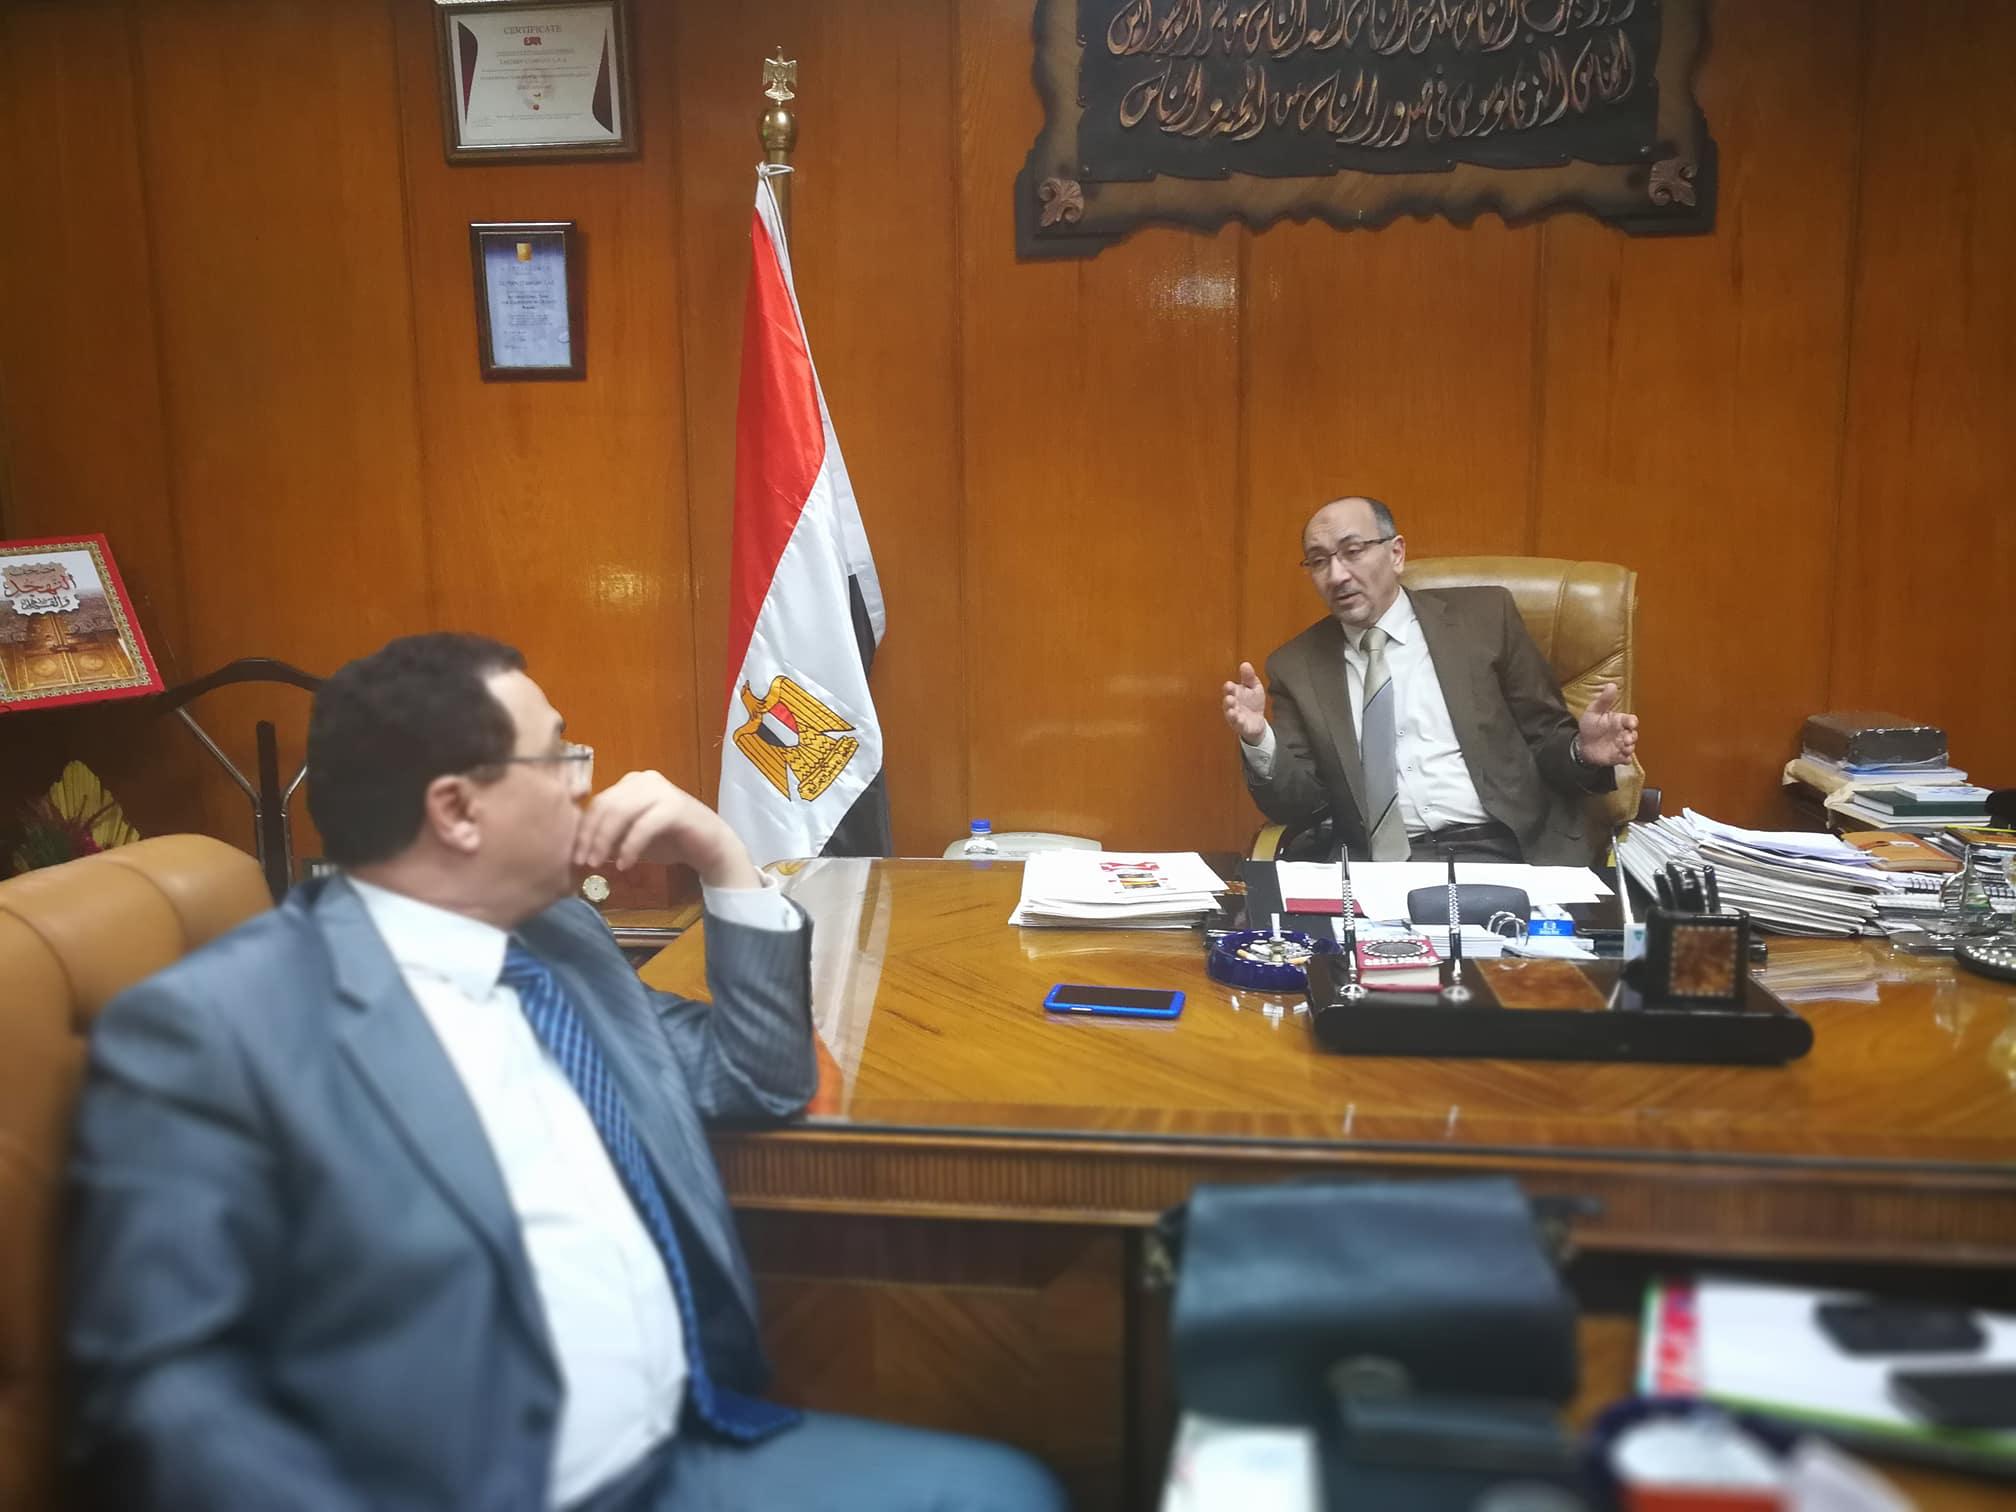 رئيس الشركة الشرقية للدخان لن نفرط في مقر الشركة الرئيسي بشارع الهرم